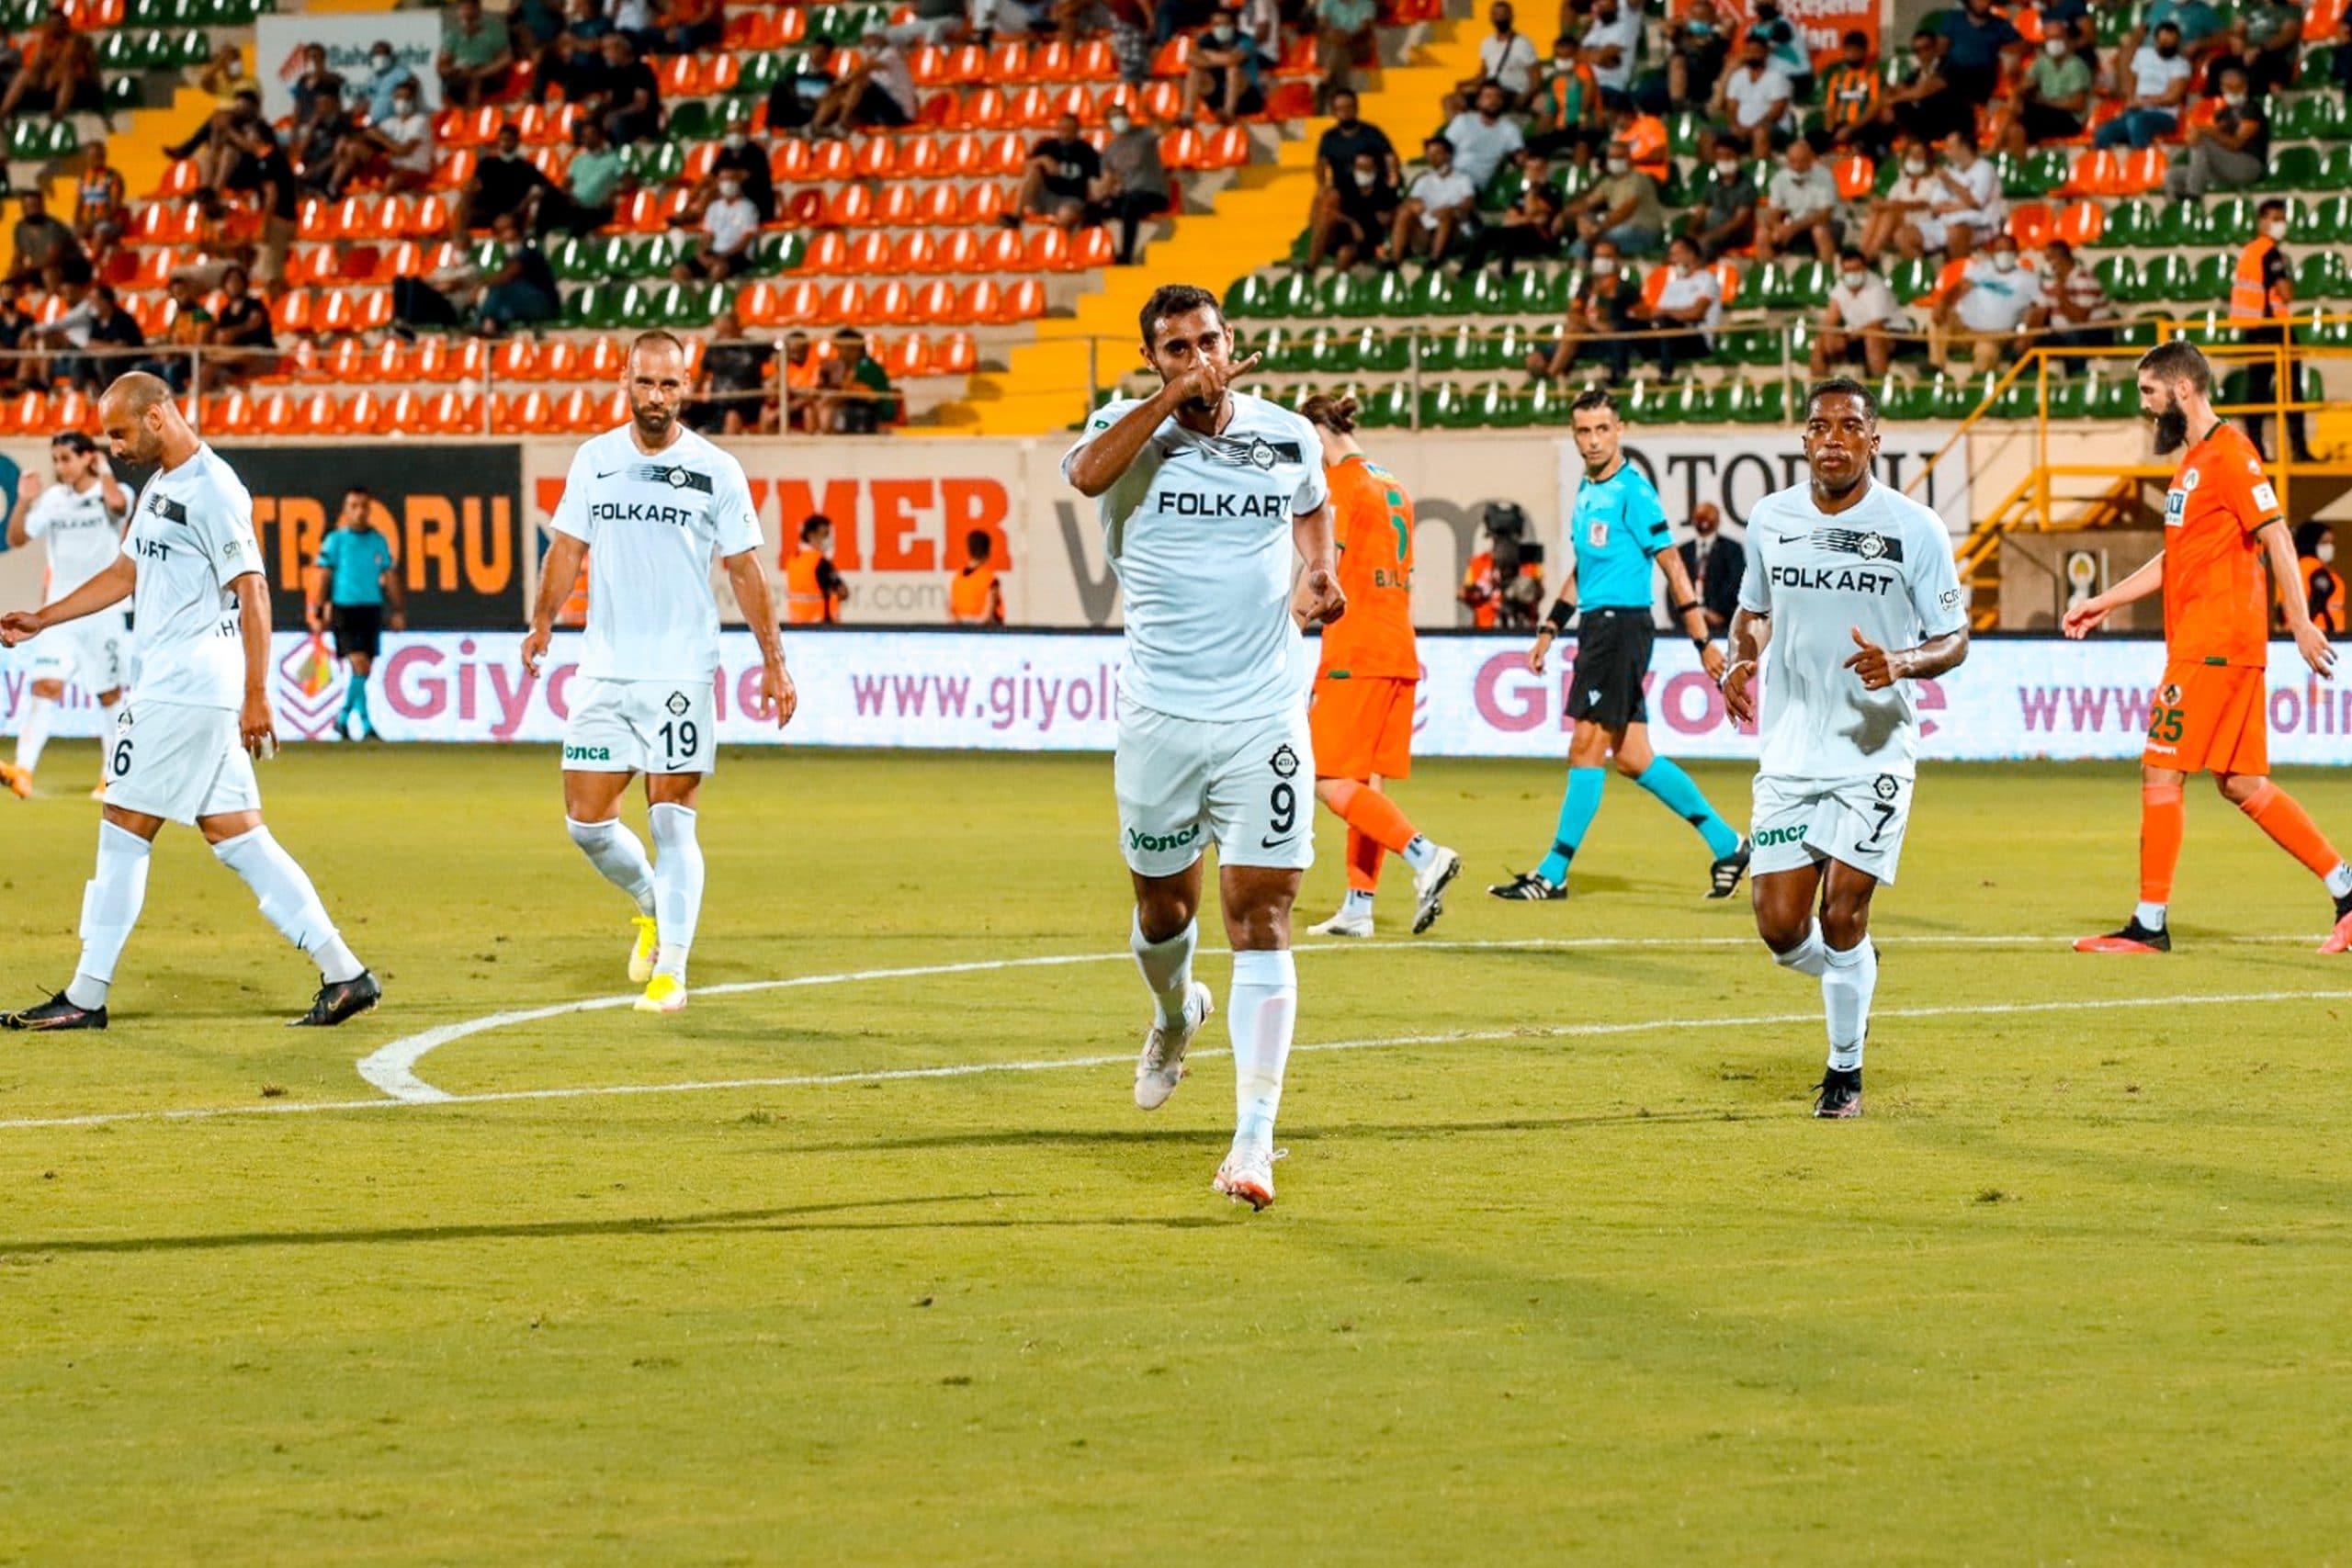 احتفال أحمد ياسر ريان بعد تسجيله أولى أهدافه في الدوري التركي